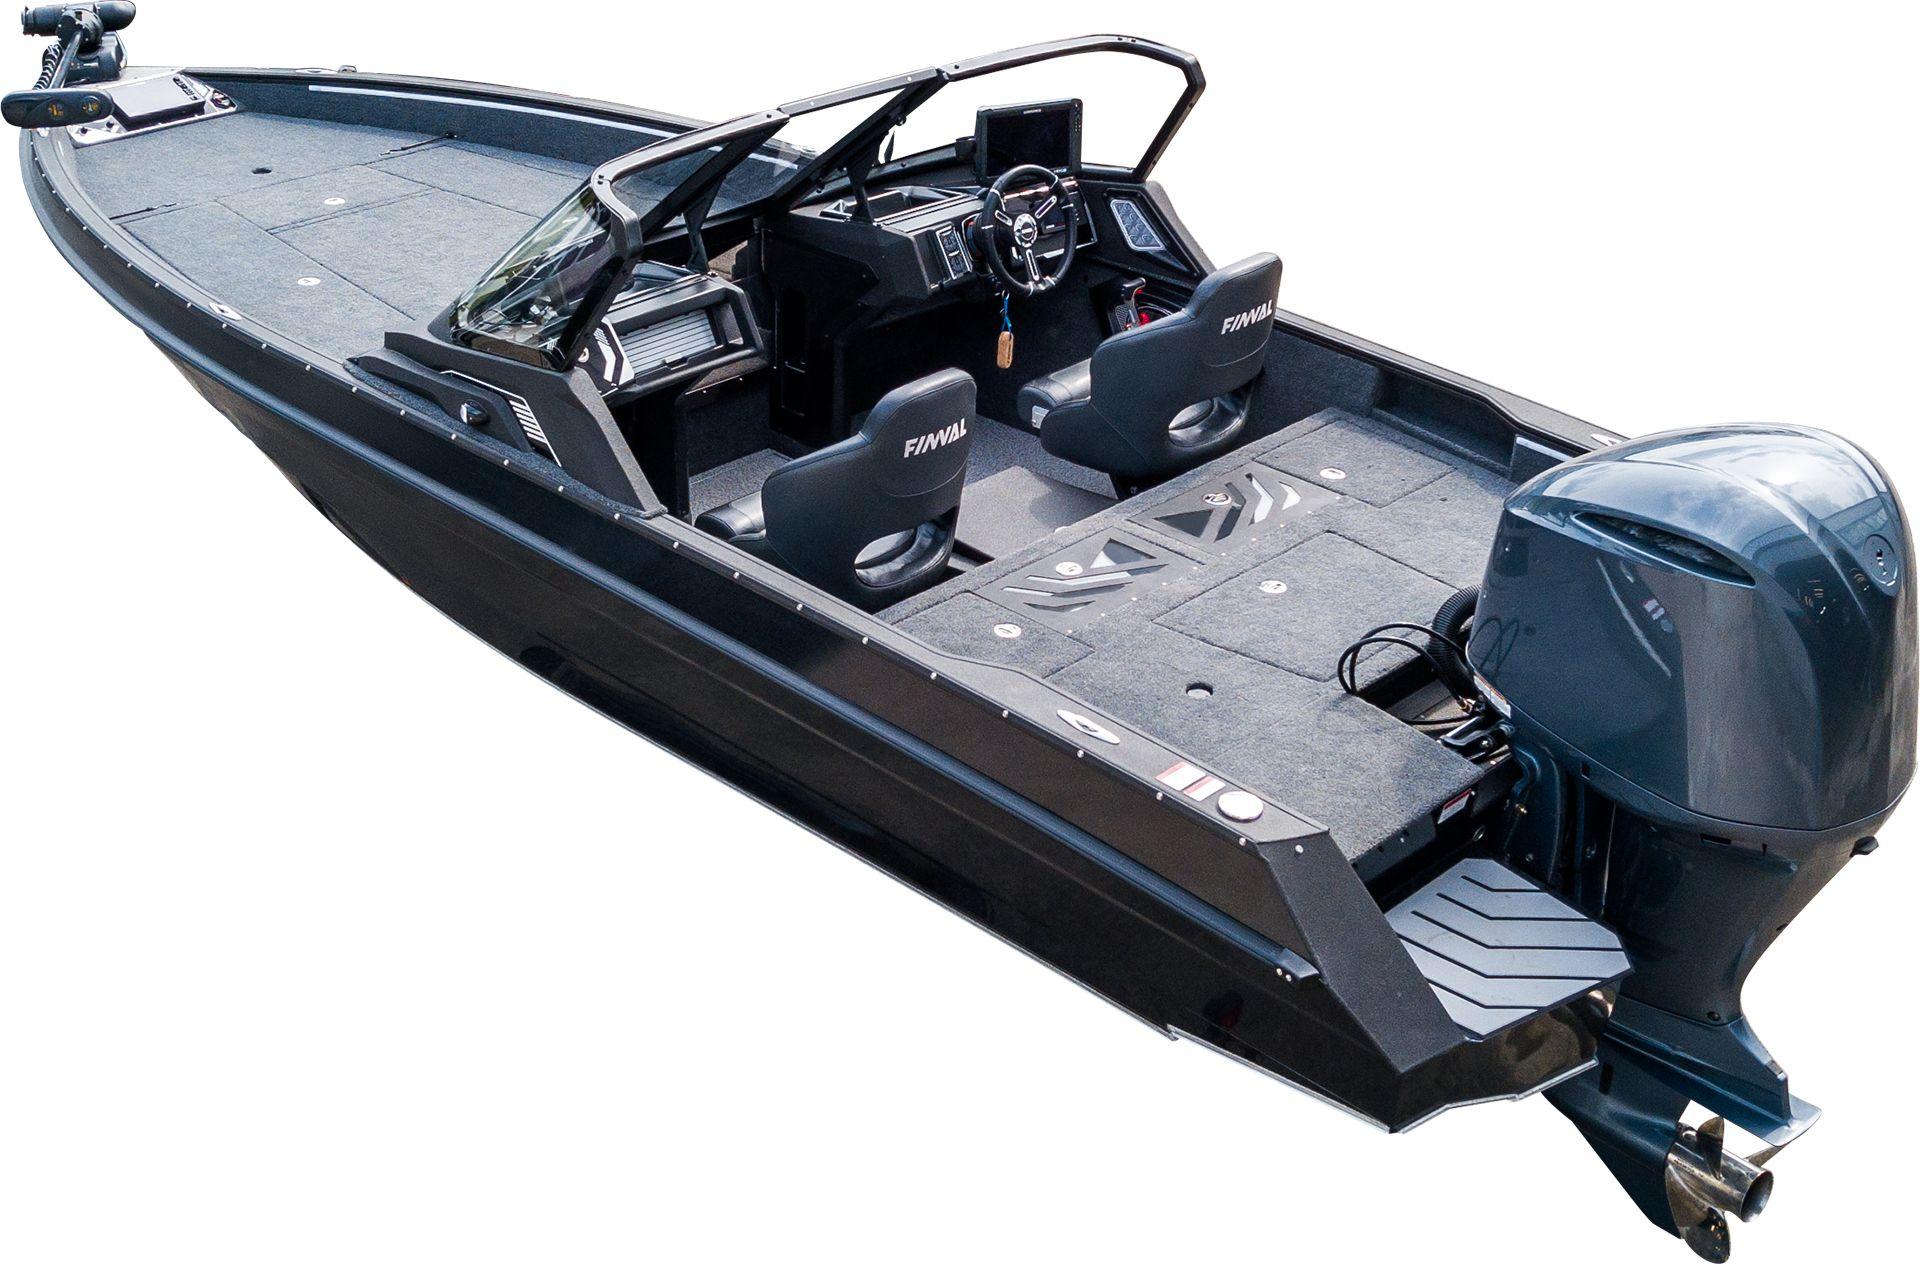 Finval 685 Sport Angler